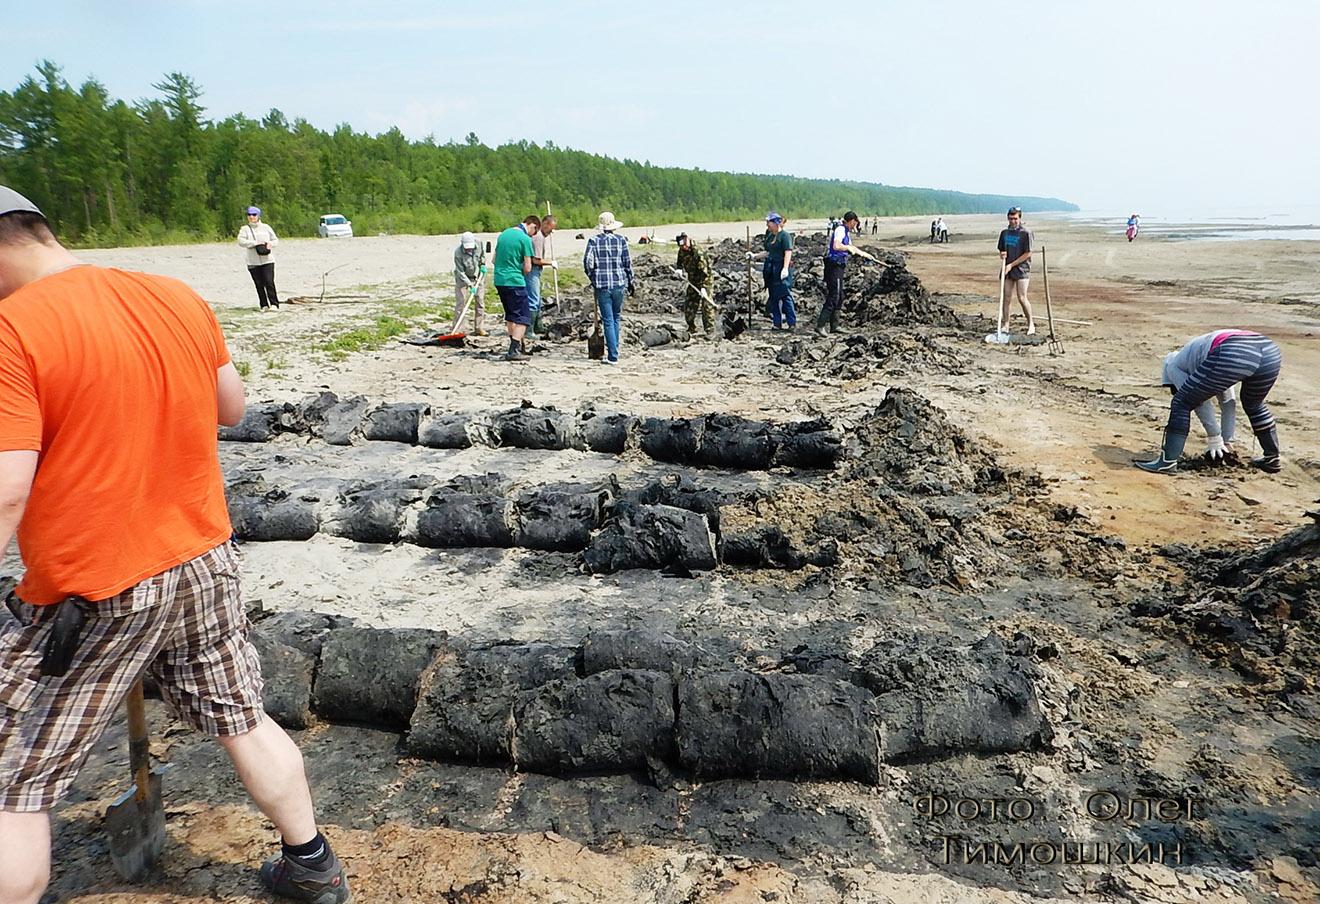 Жители Северобайкальска очищают побережье от спирогиры. Фото: Олег Тимошкин